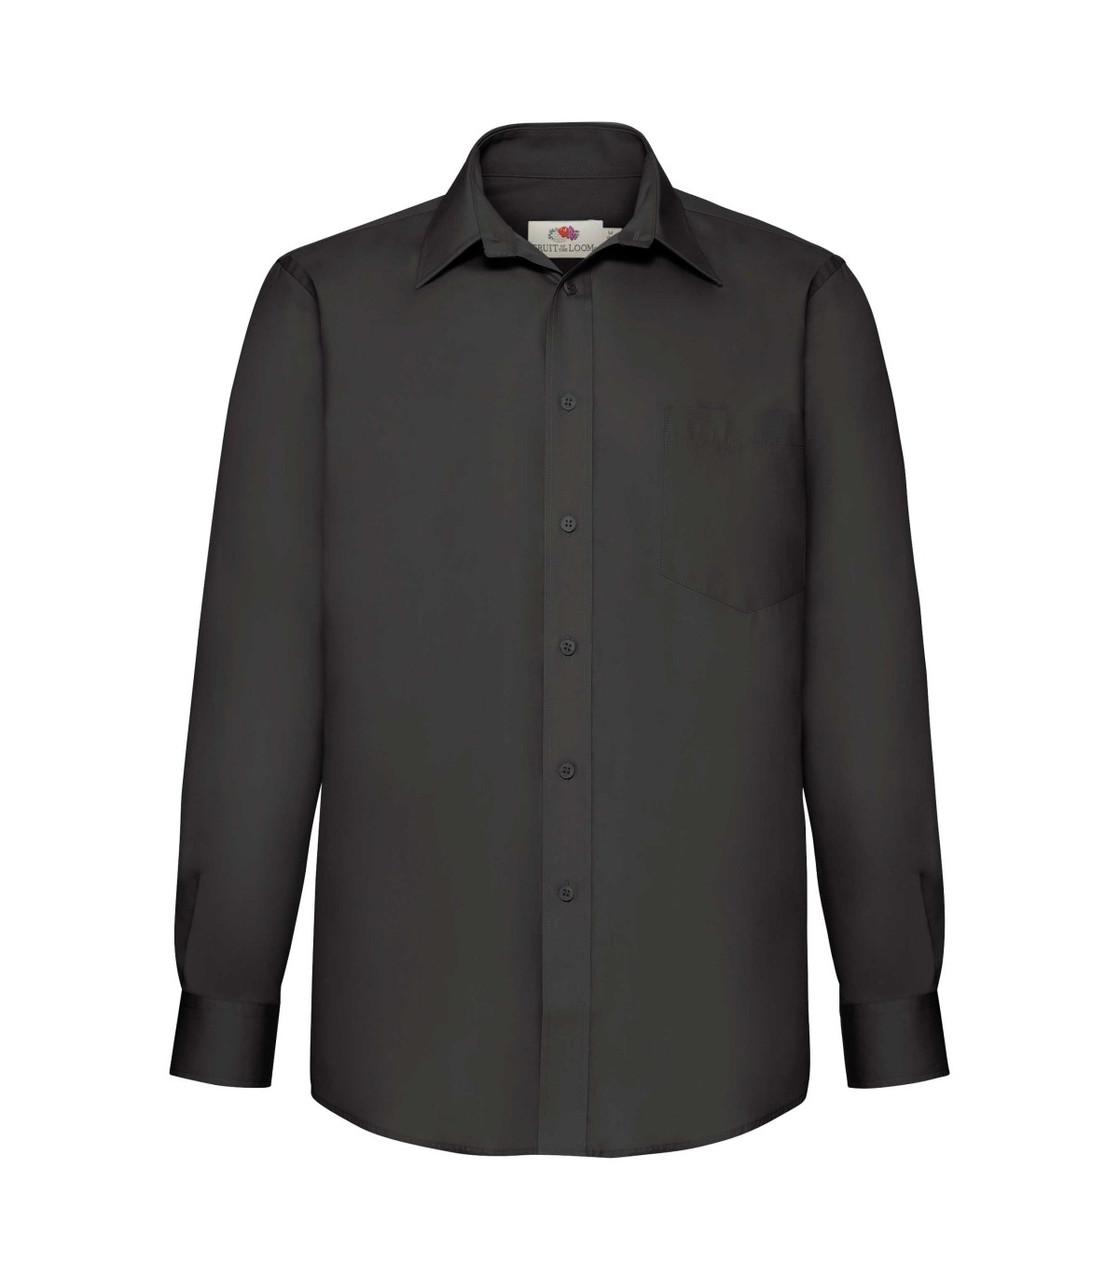 Мужская рубашка с длинным рукавом Poplin черная 118-36